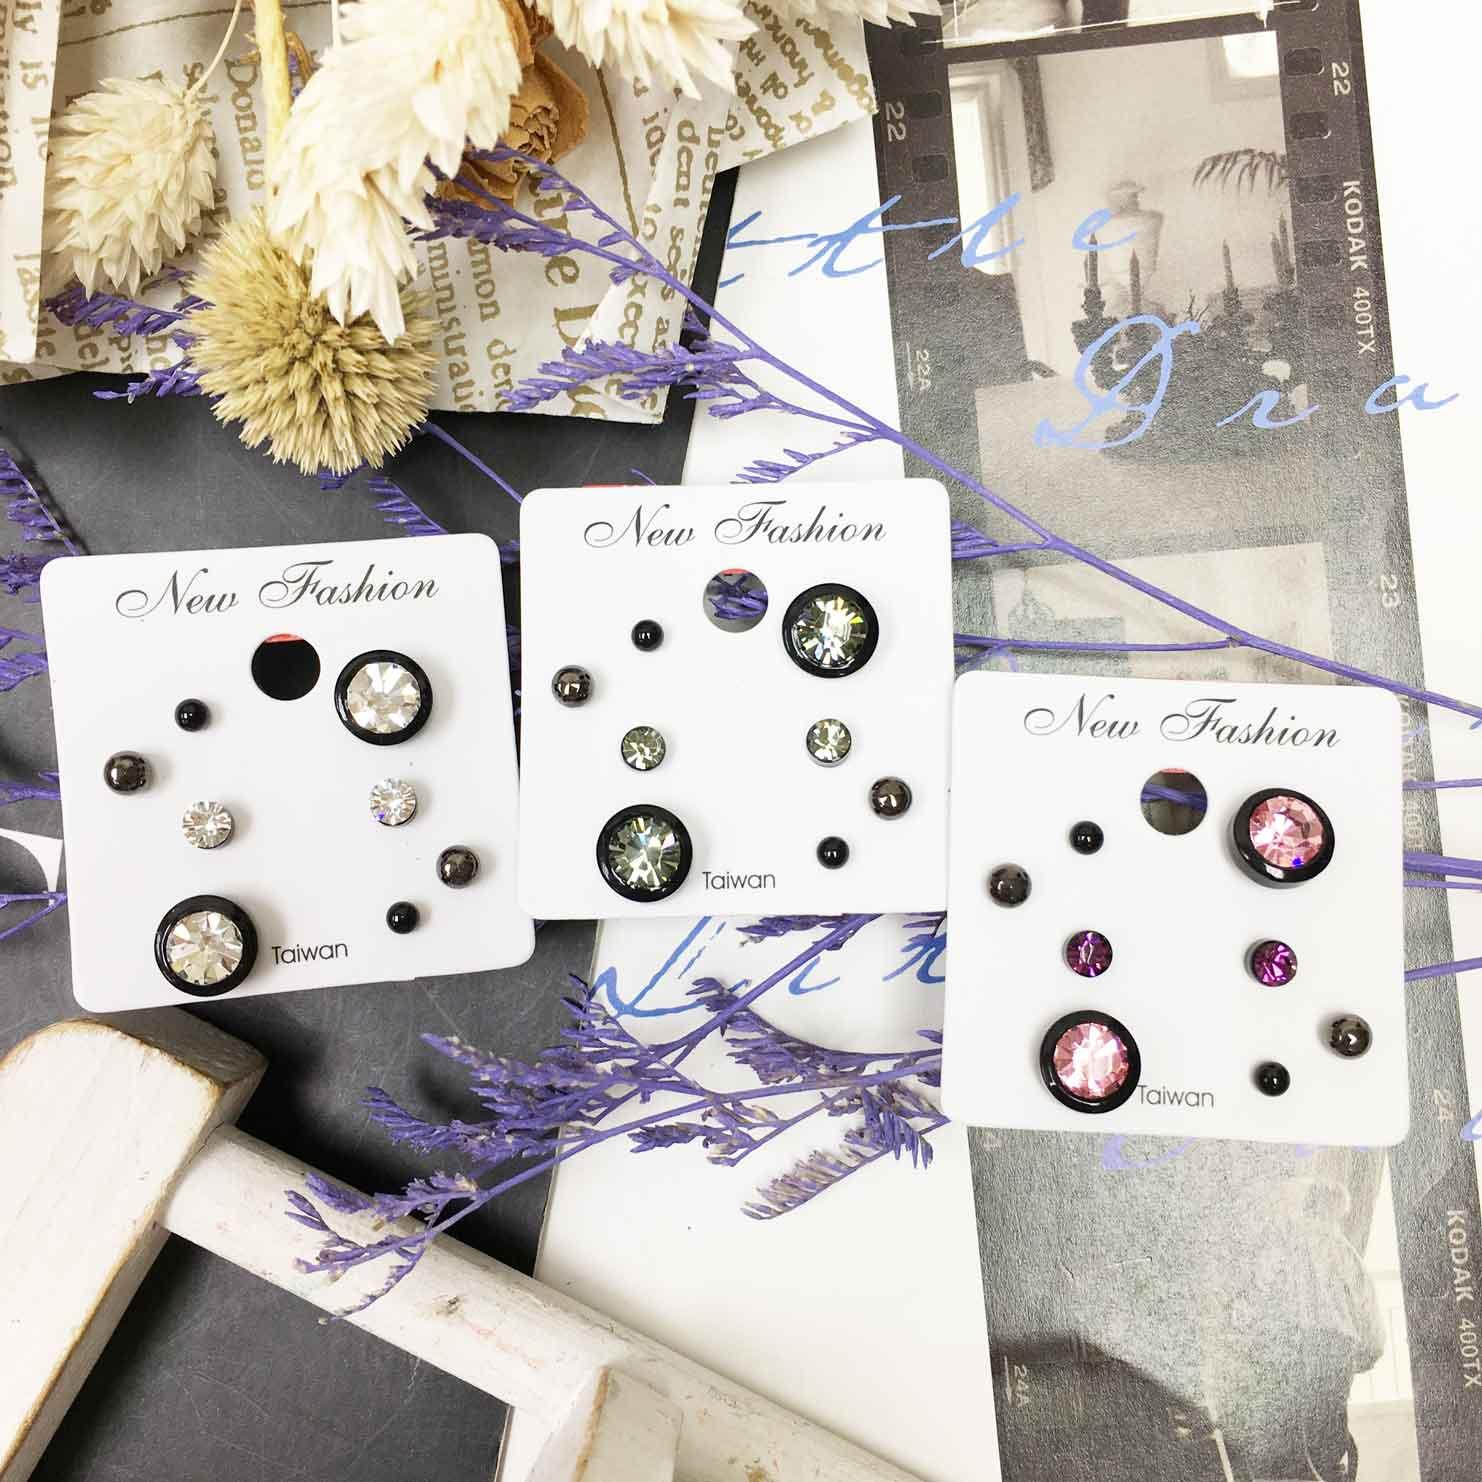 單鑽 水鑽 金屬小珠珠 四入組 3色 精緻耳針式耳環